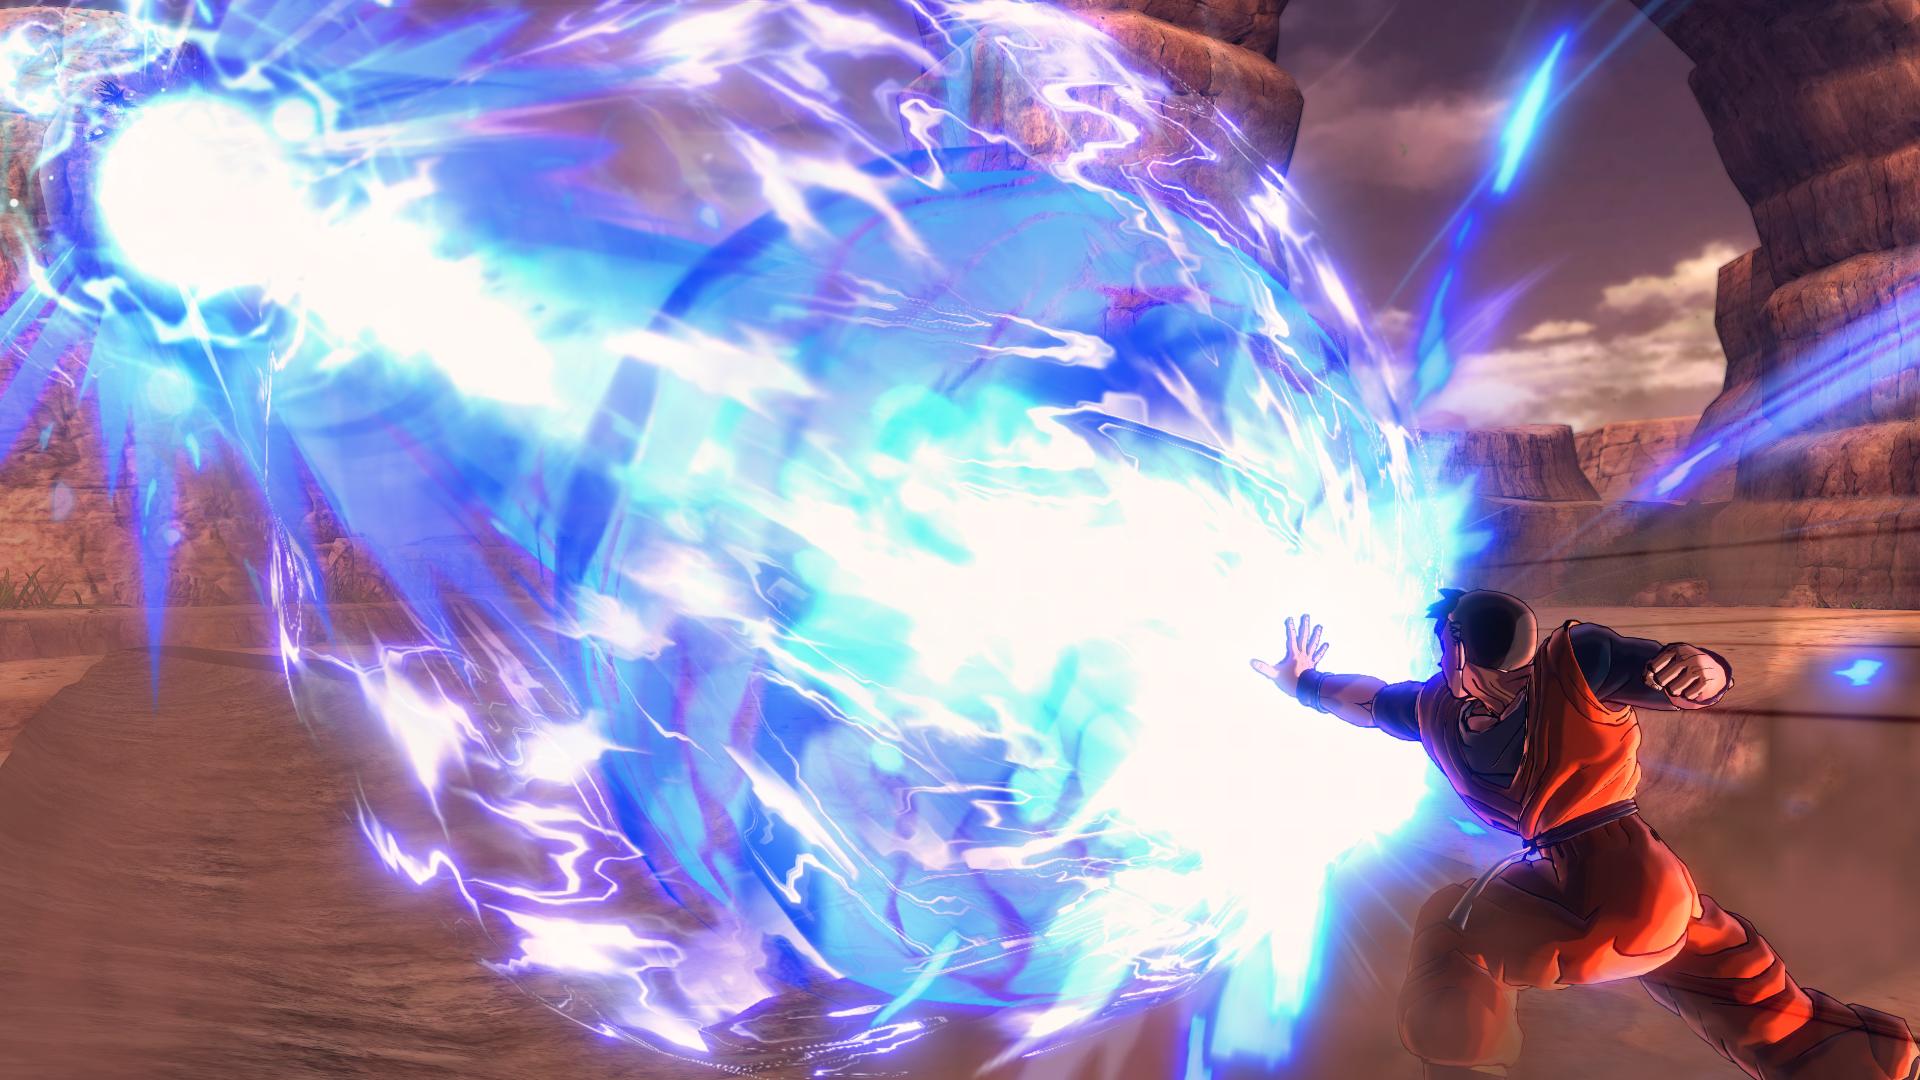 E3 2016: New Dragon Ball Xenoverse 2 Trailer; Screenshots